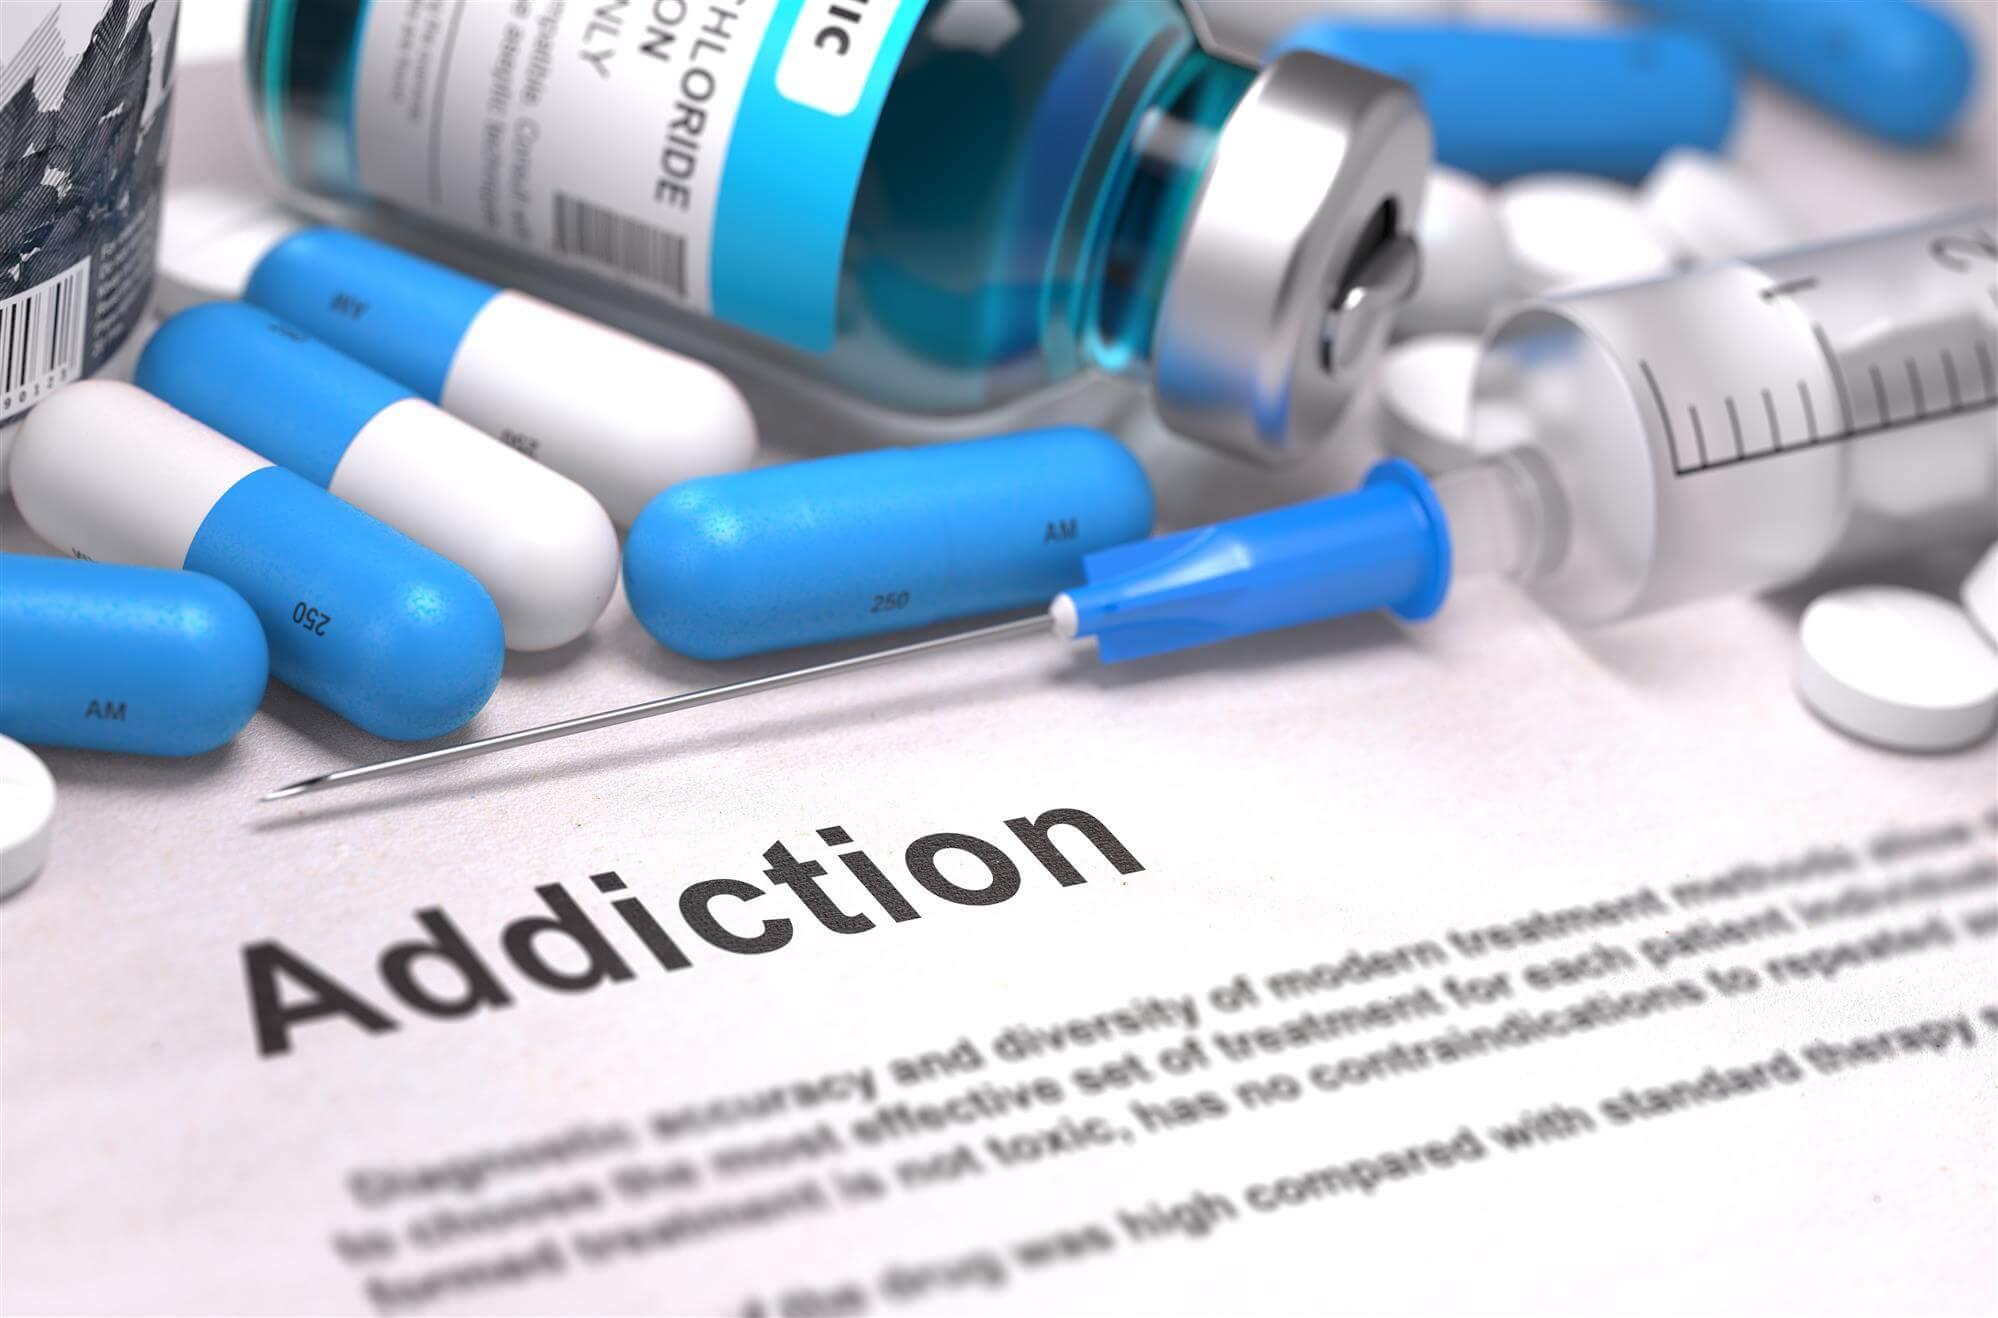 Drug Detoxification Programs Ascendant new York